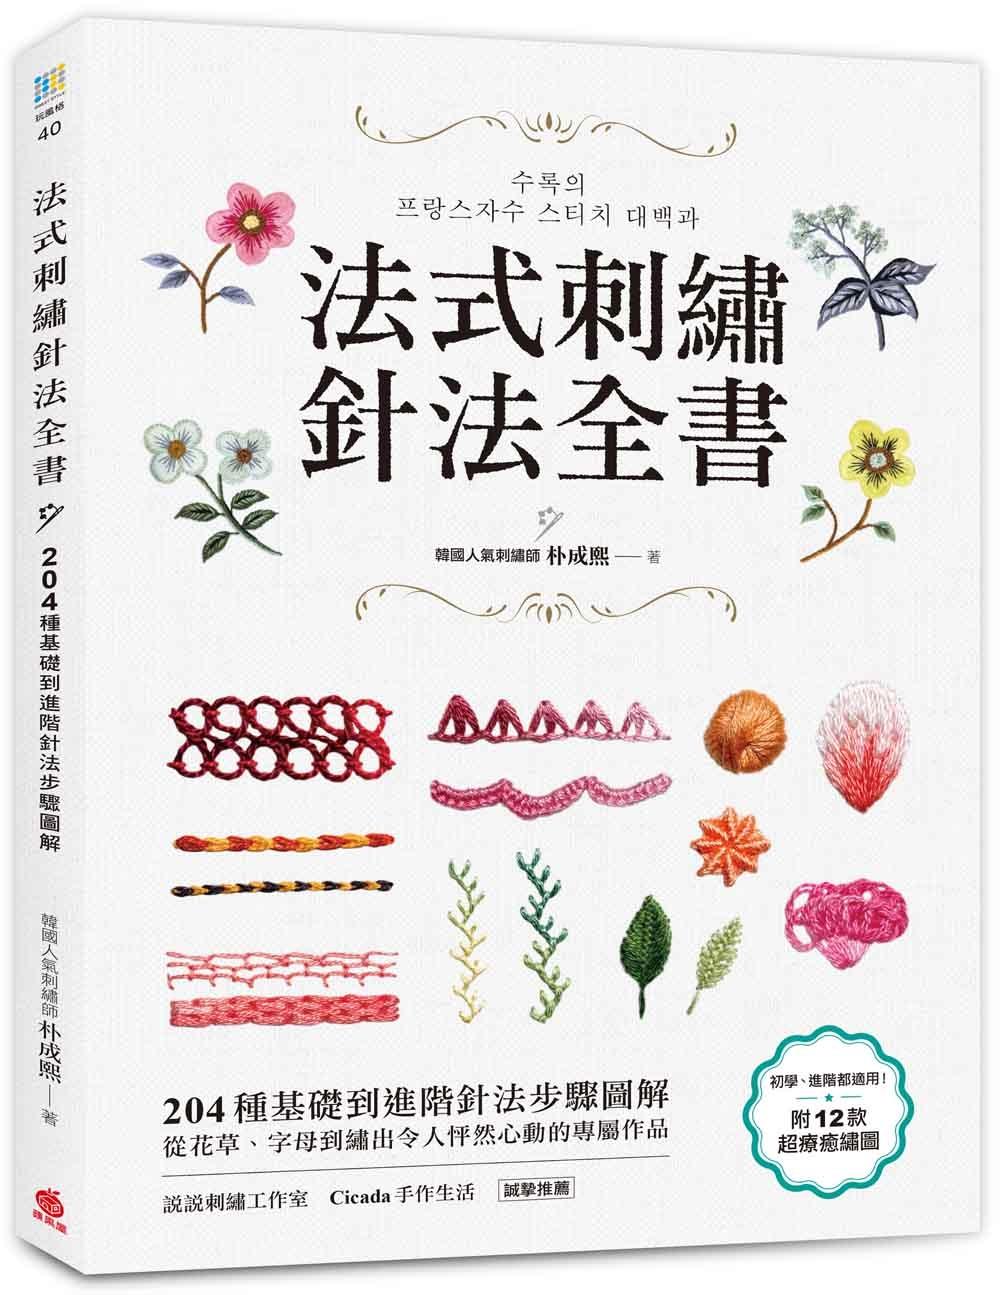 法式刺繡針法全書:204種基礎到進階針法步驟圖解,從花草、字母到繡出令人怦然心動的專屬作品